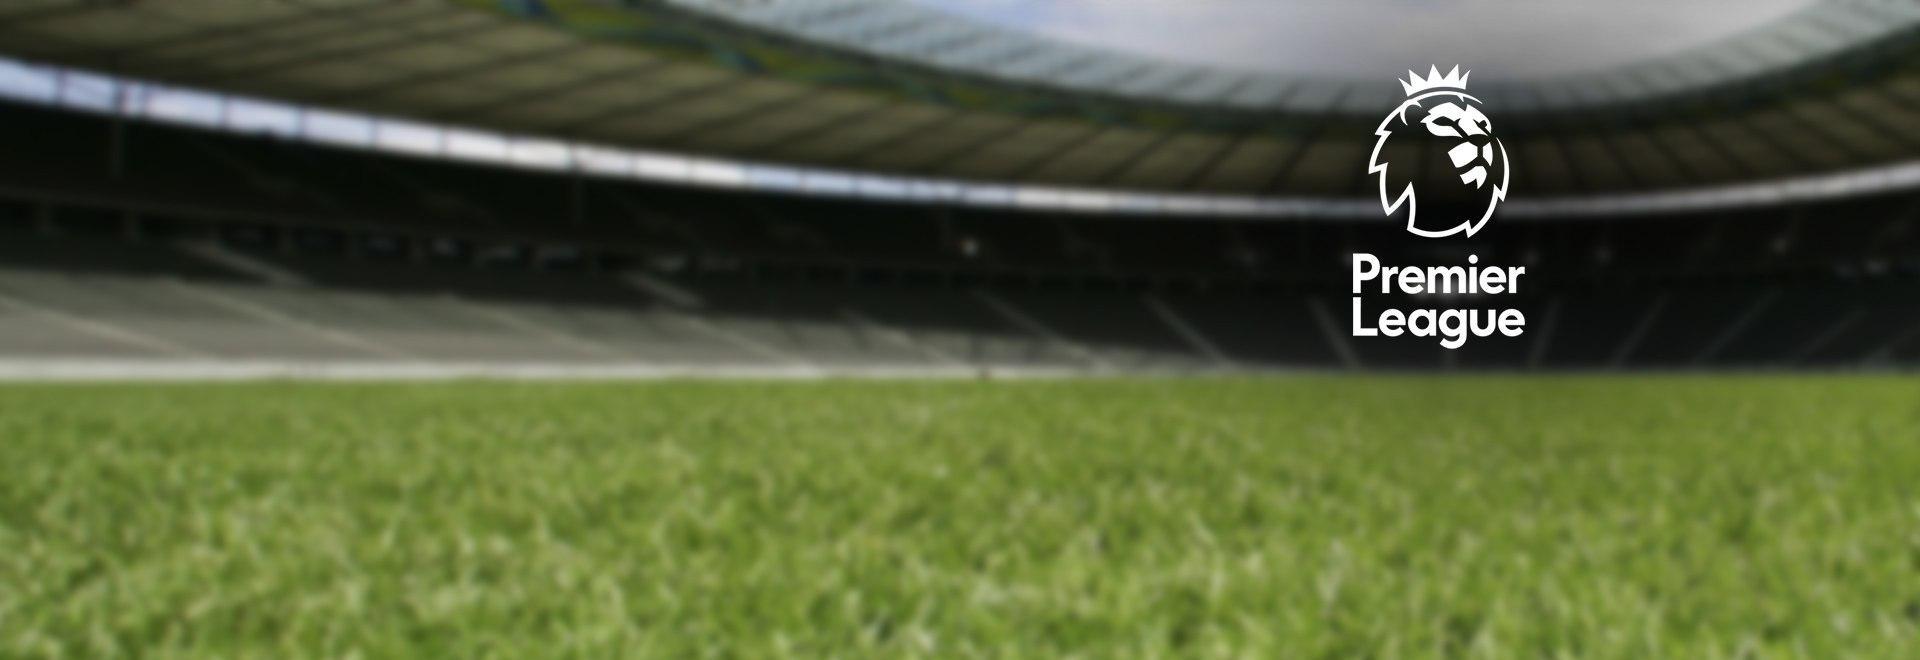 Southampton - Crystal Palace